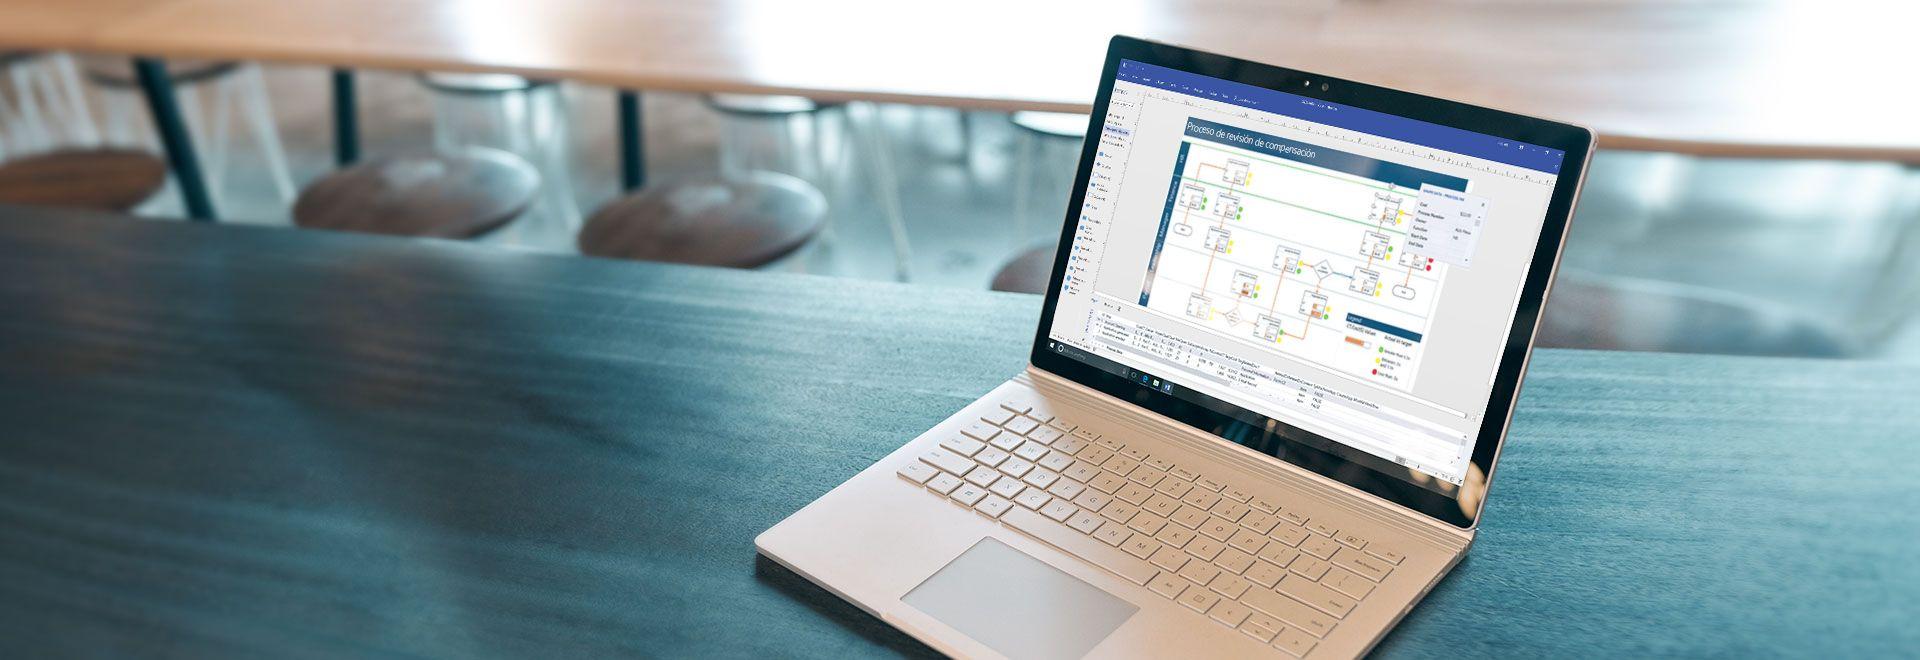 Un portátil donde se muestra un diagrama de un flujo de trabajo de procesos en Visio Pro para Office 365